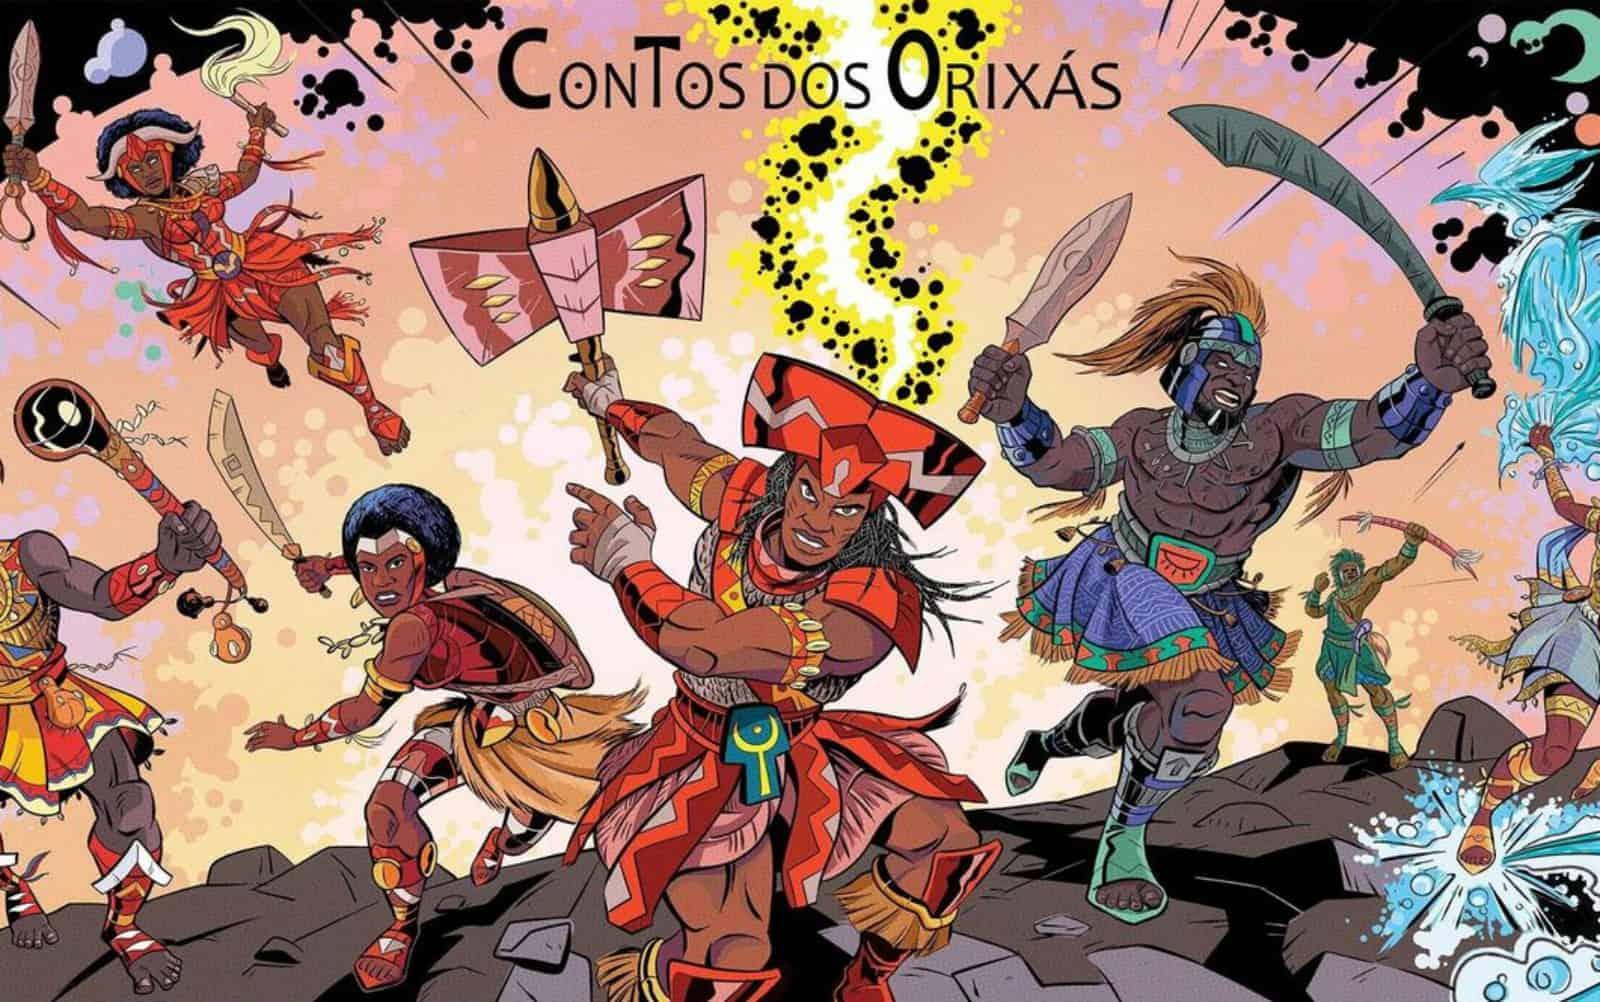 Contos dos Orixás cria HQs com heróis negros 1